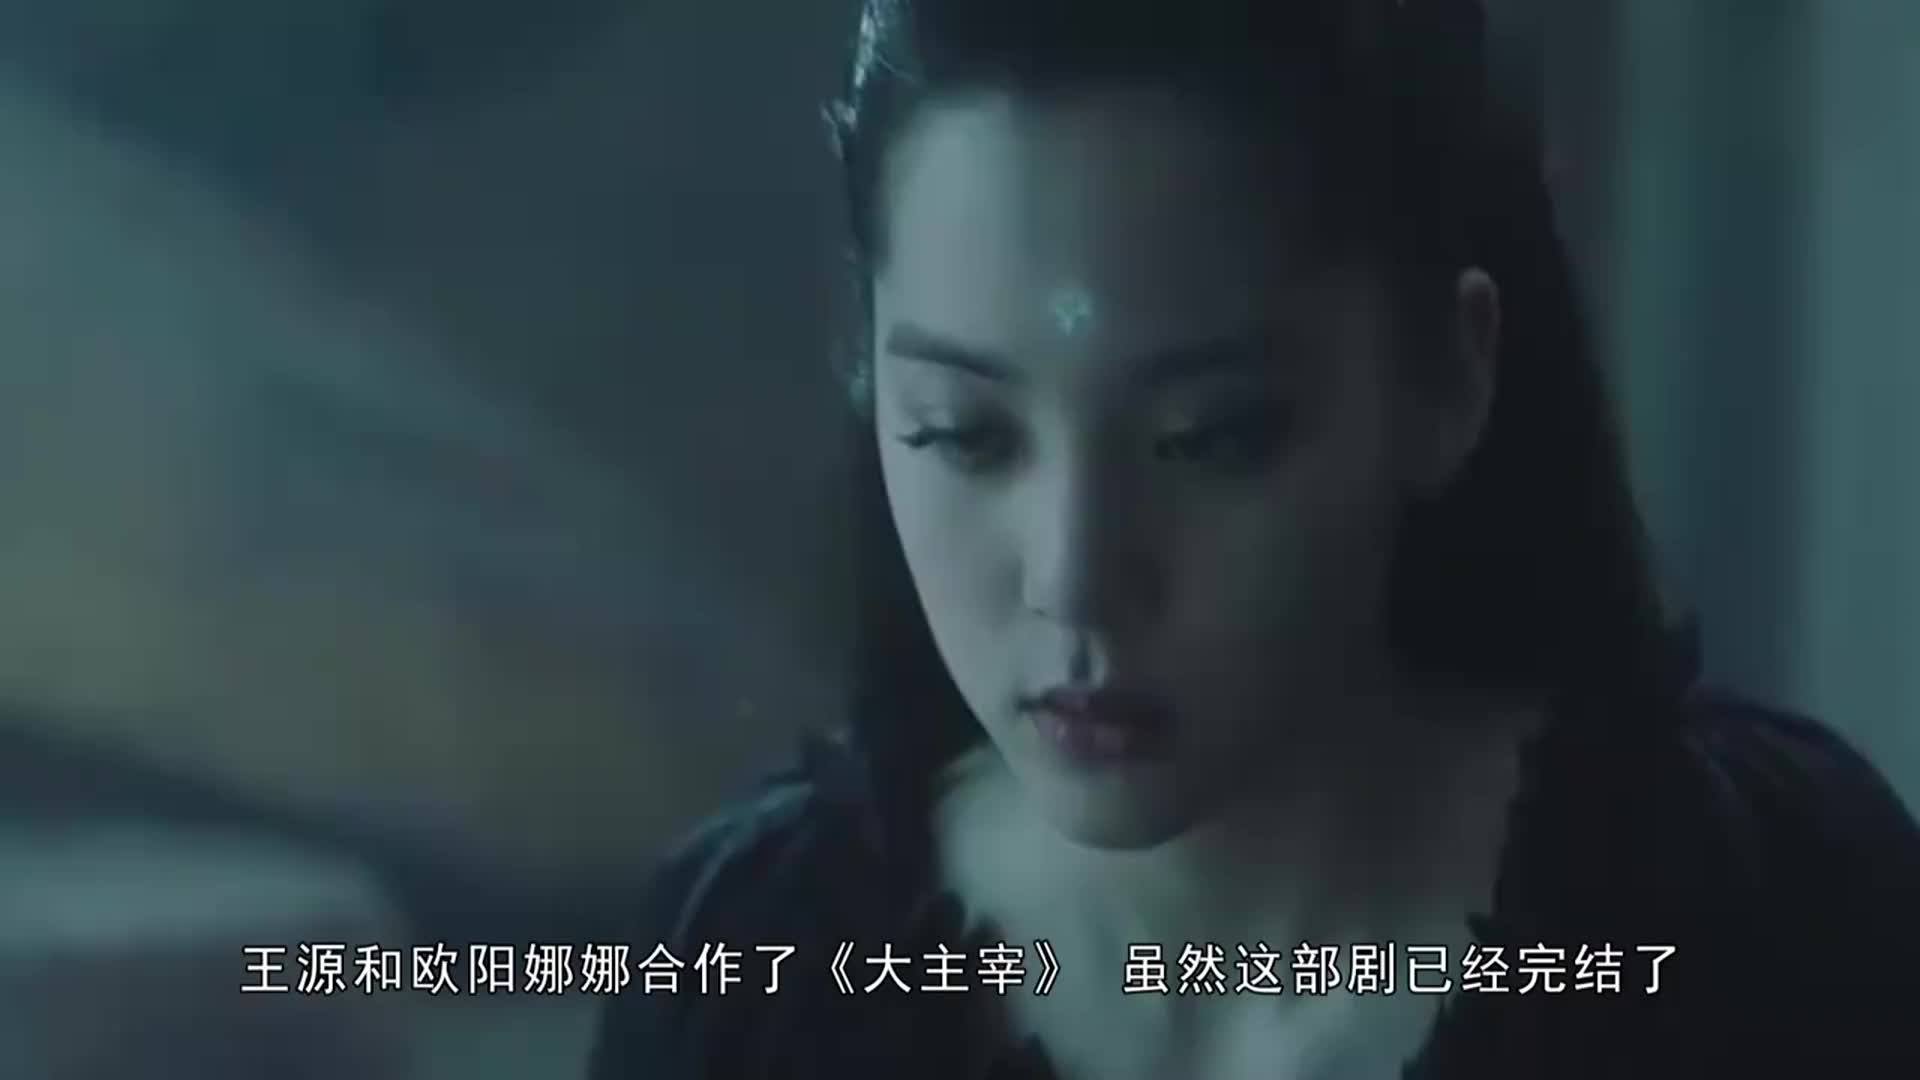 欧阳娜娜谈论和王源一起追《大主宰》,得知聊天内容后,粉丝酸了